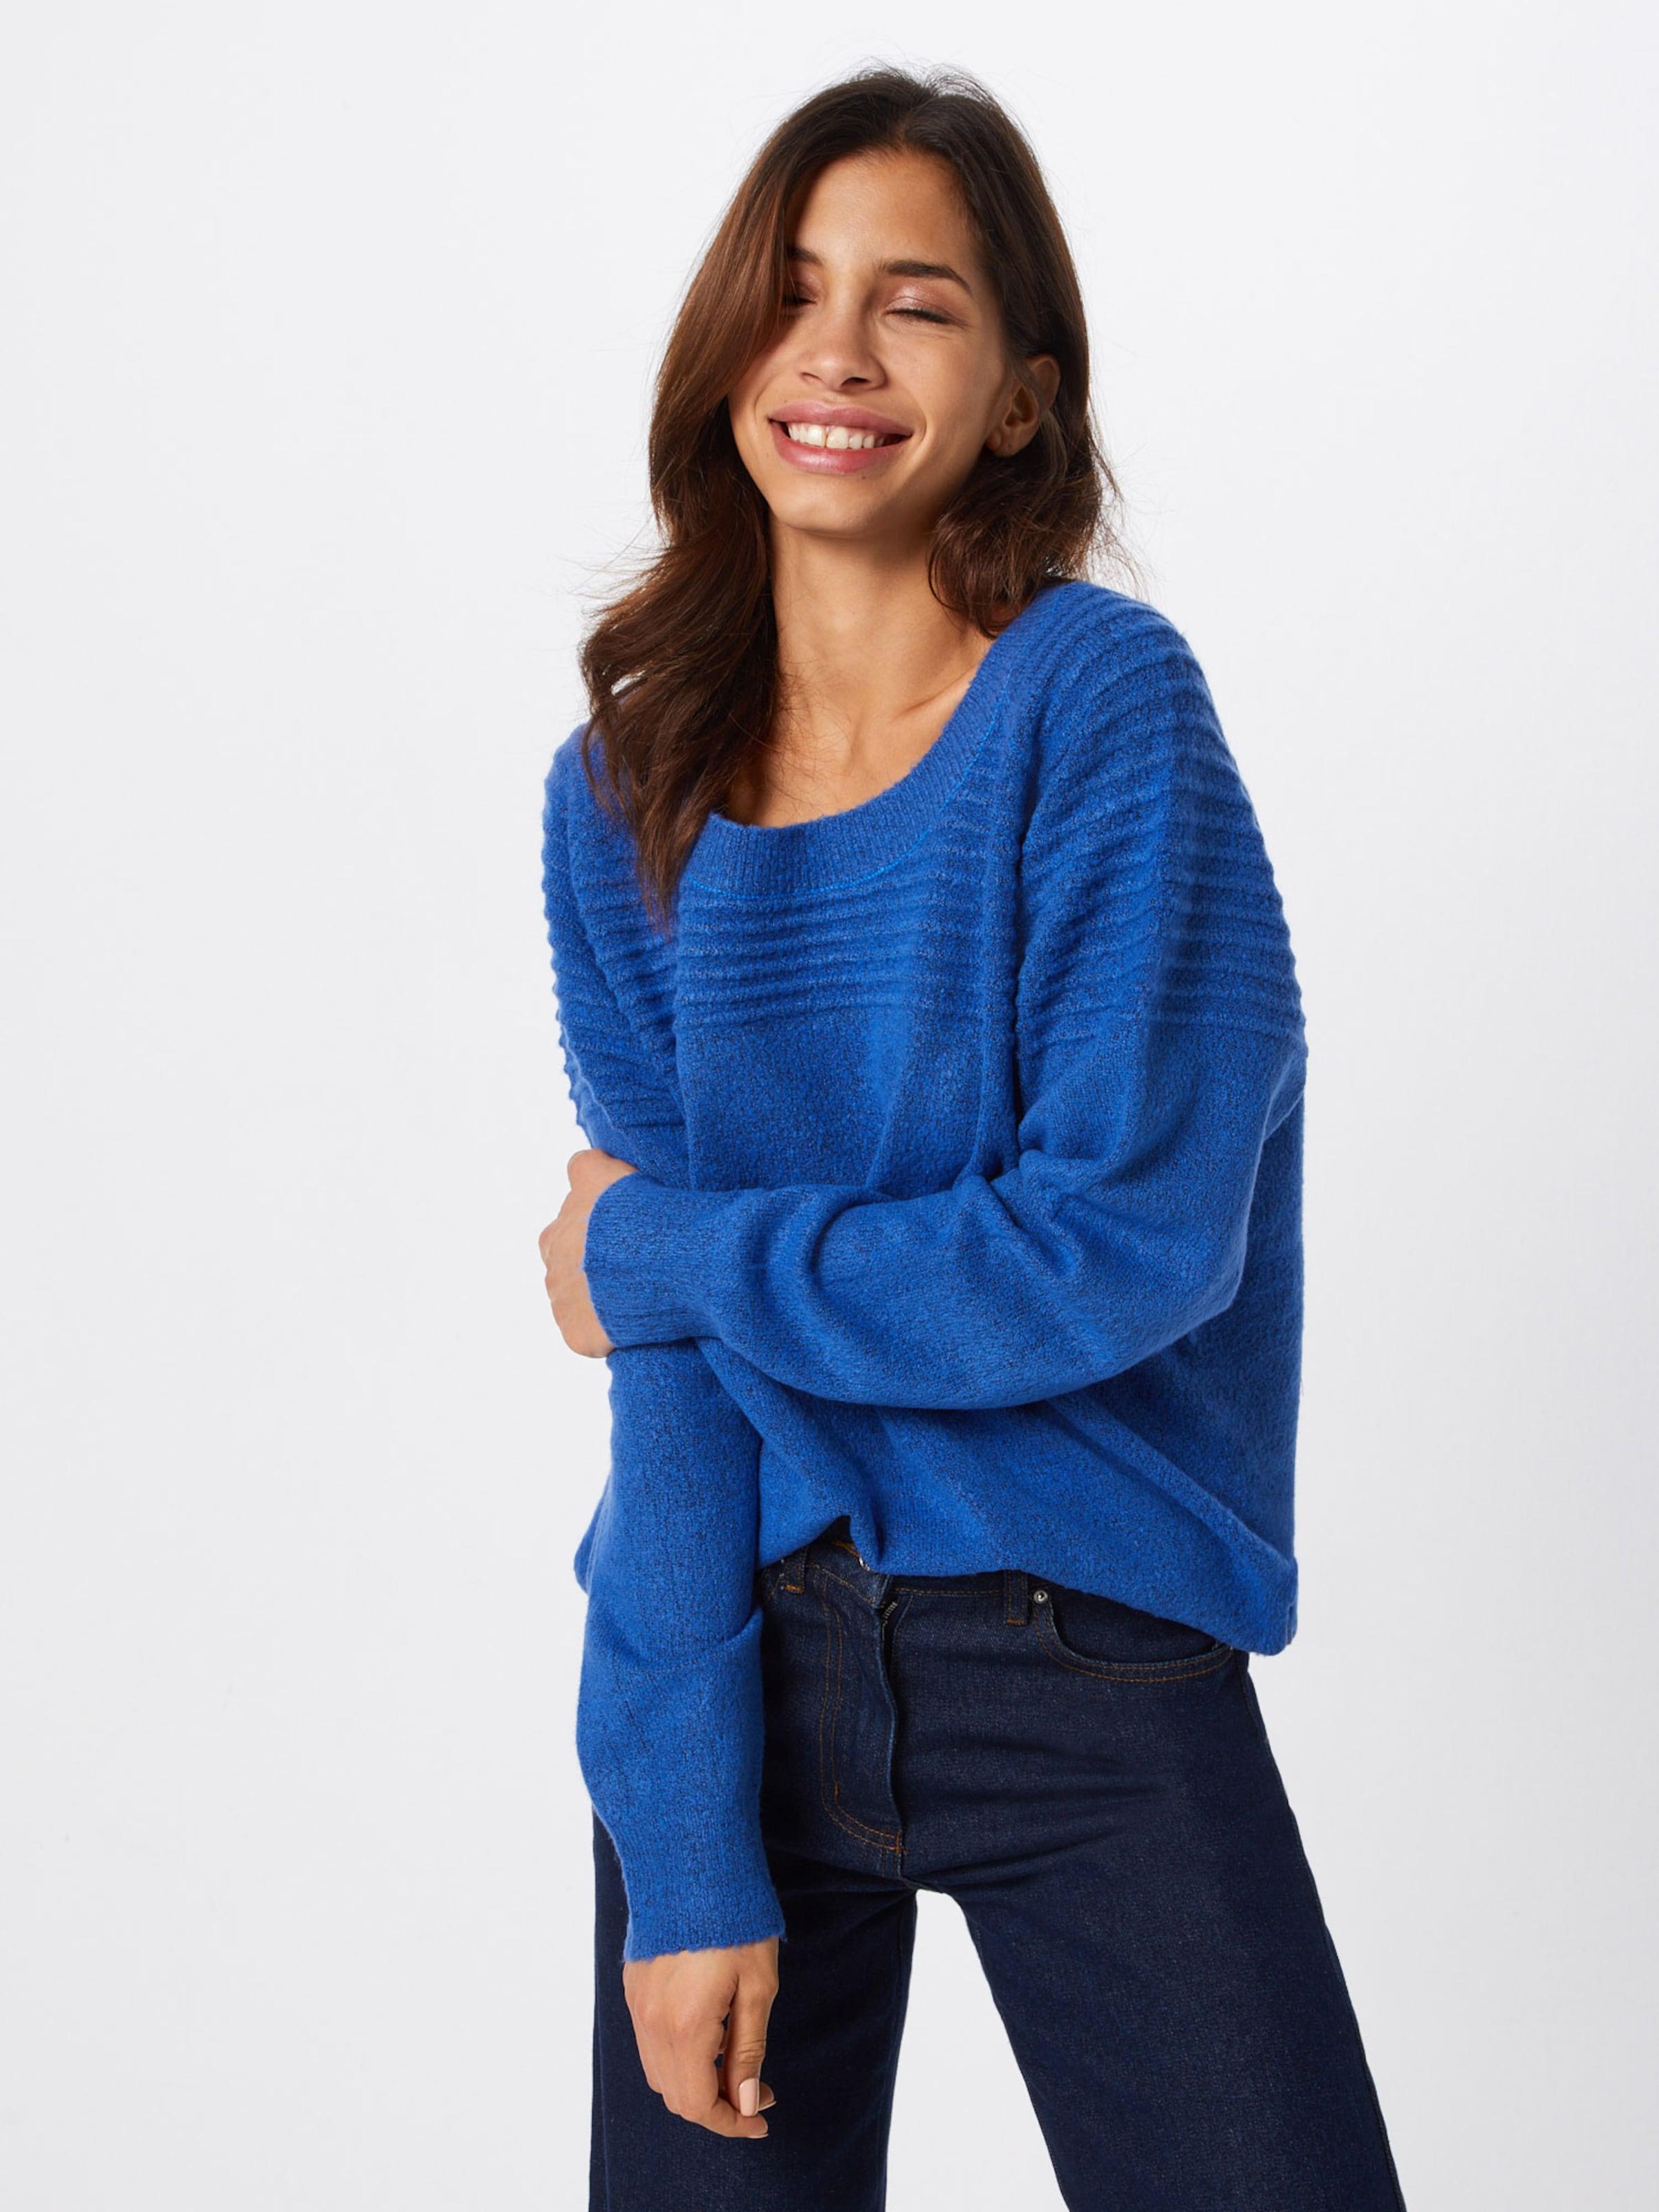 'hubble Blau Ls' In Ichi Pullover pMSzVU